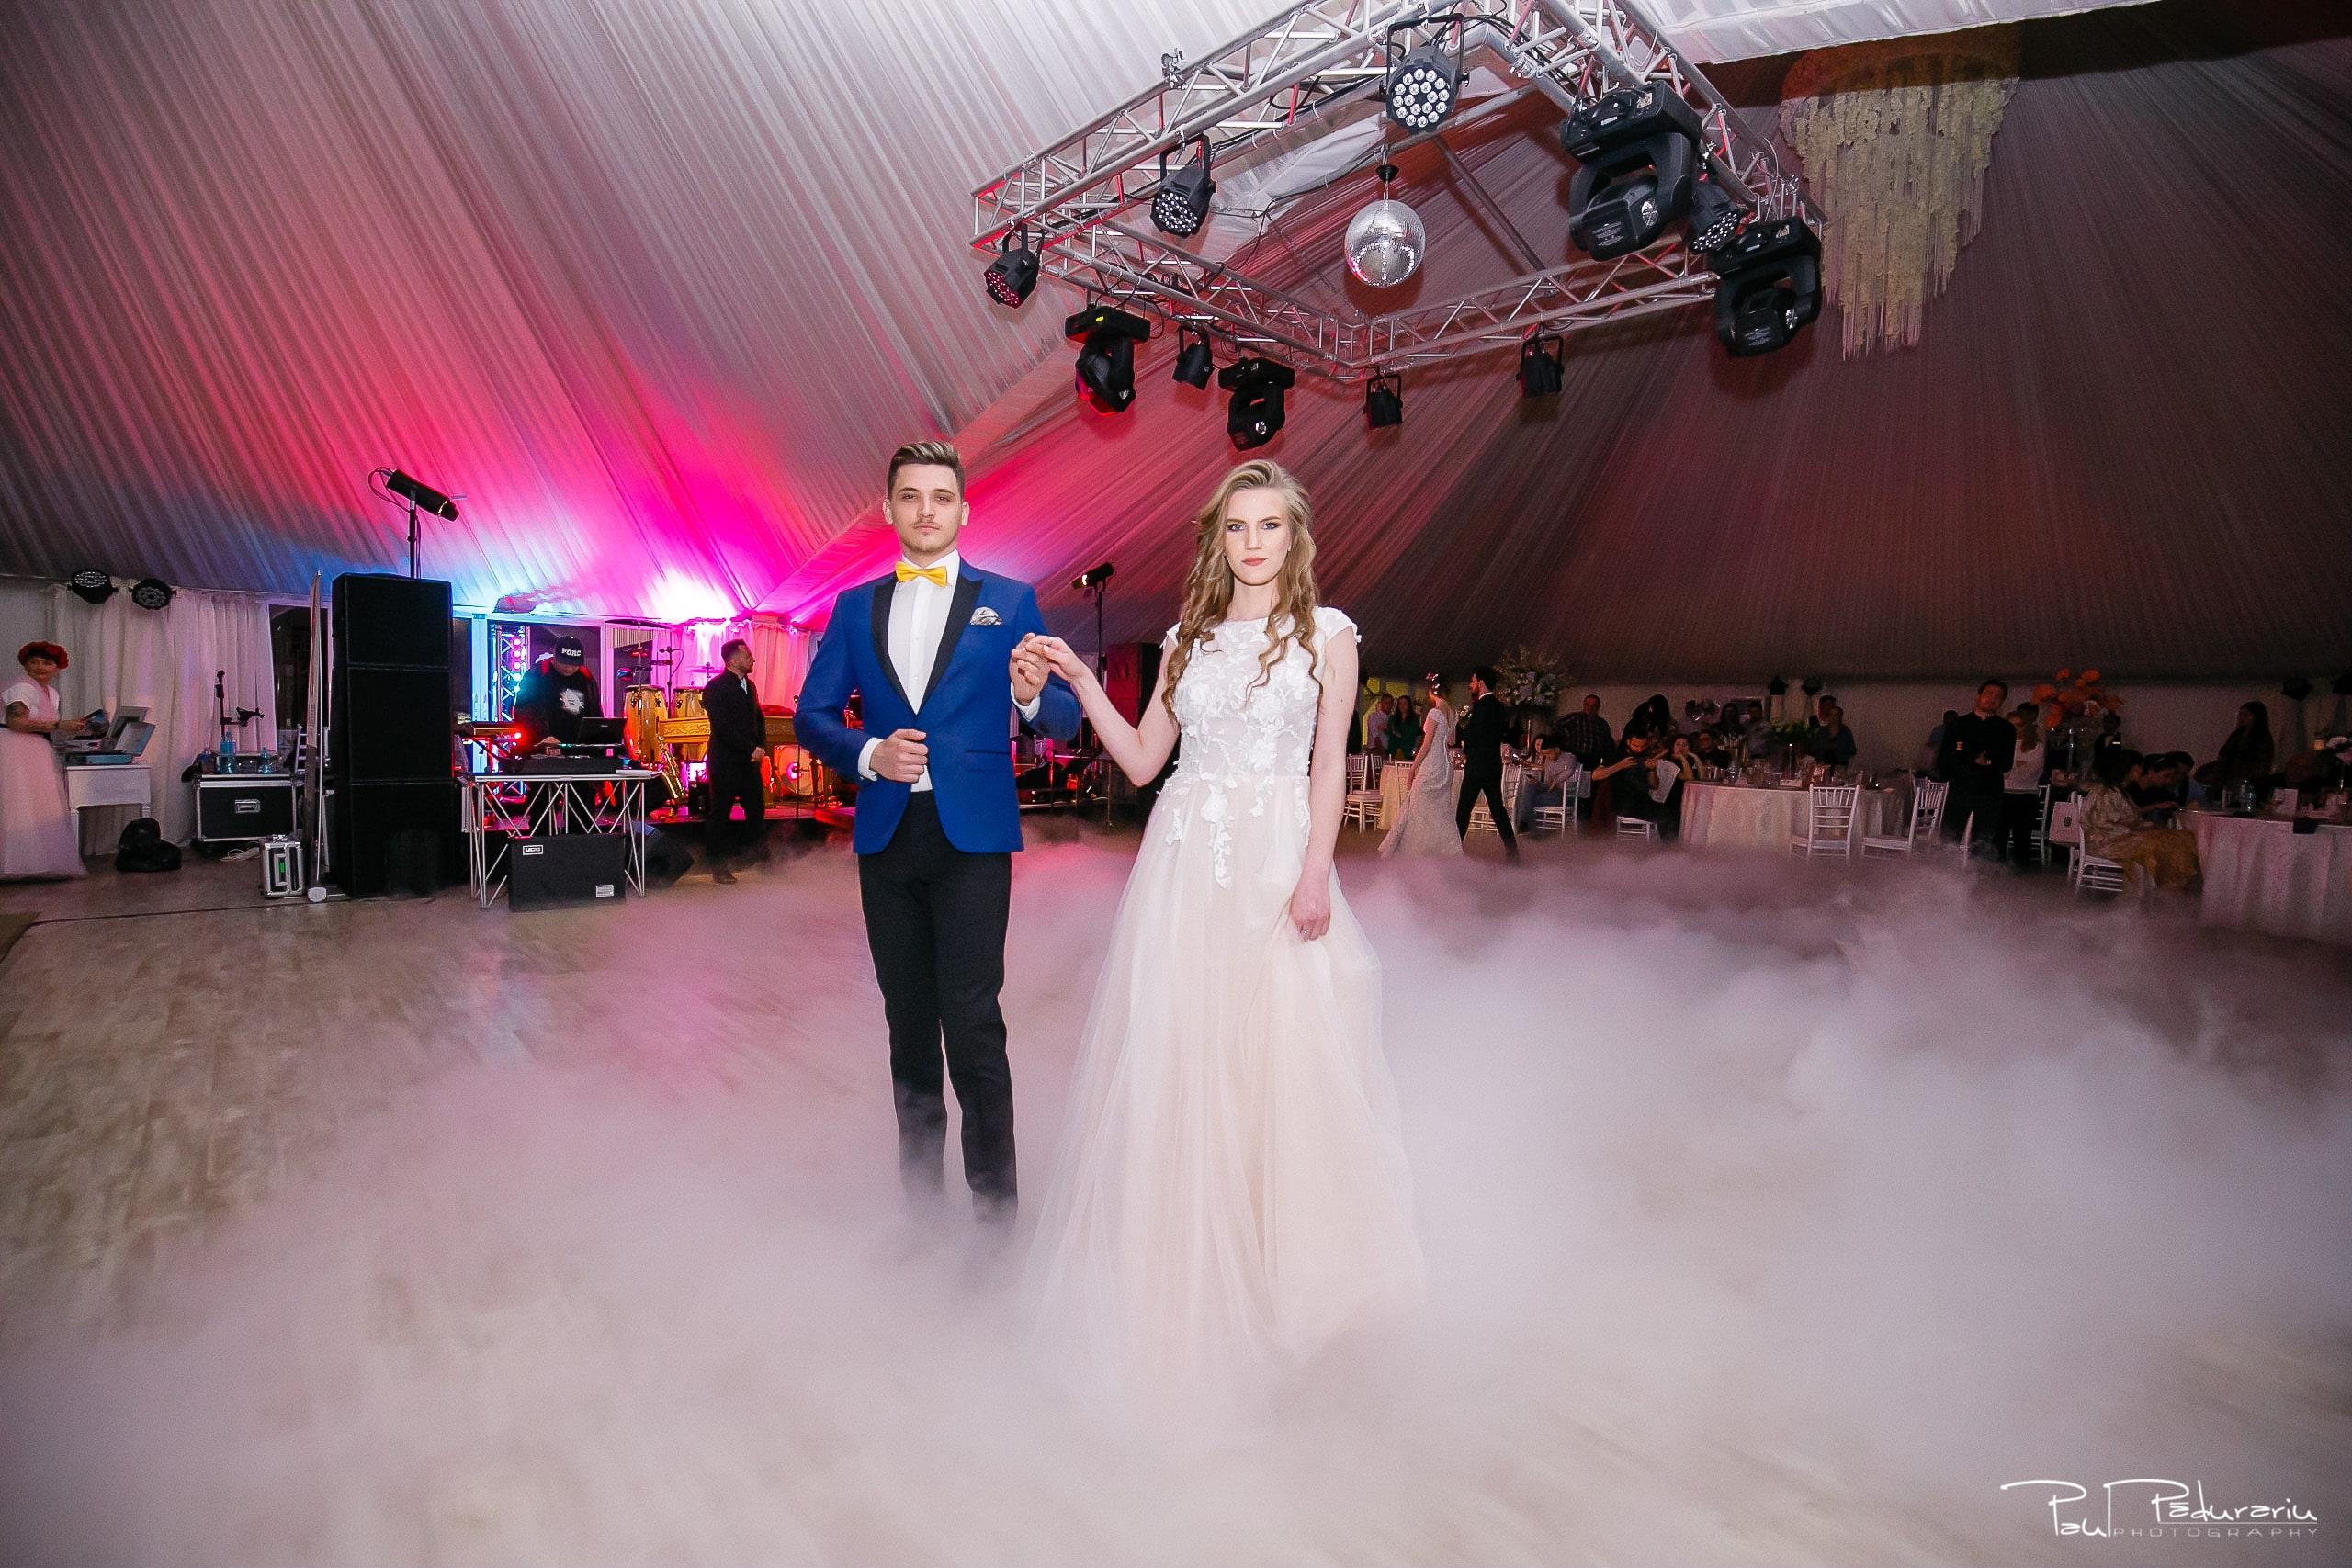 Nunta de proba Elysium Iasi 2019 paul padurariu fotograf nunta Iasi 103